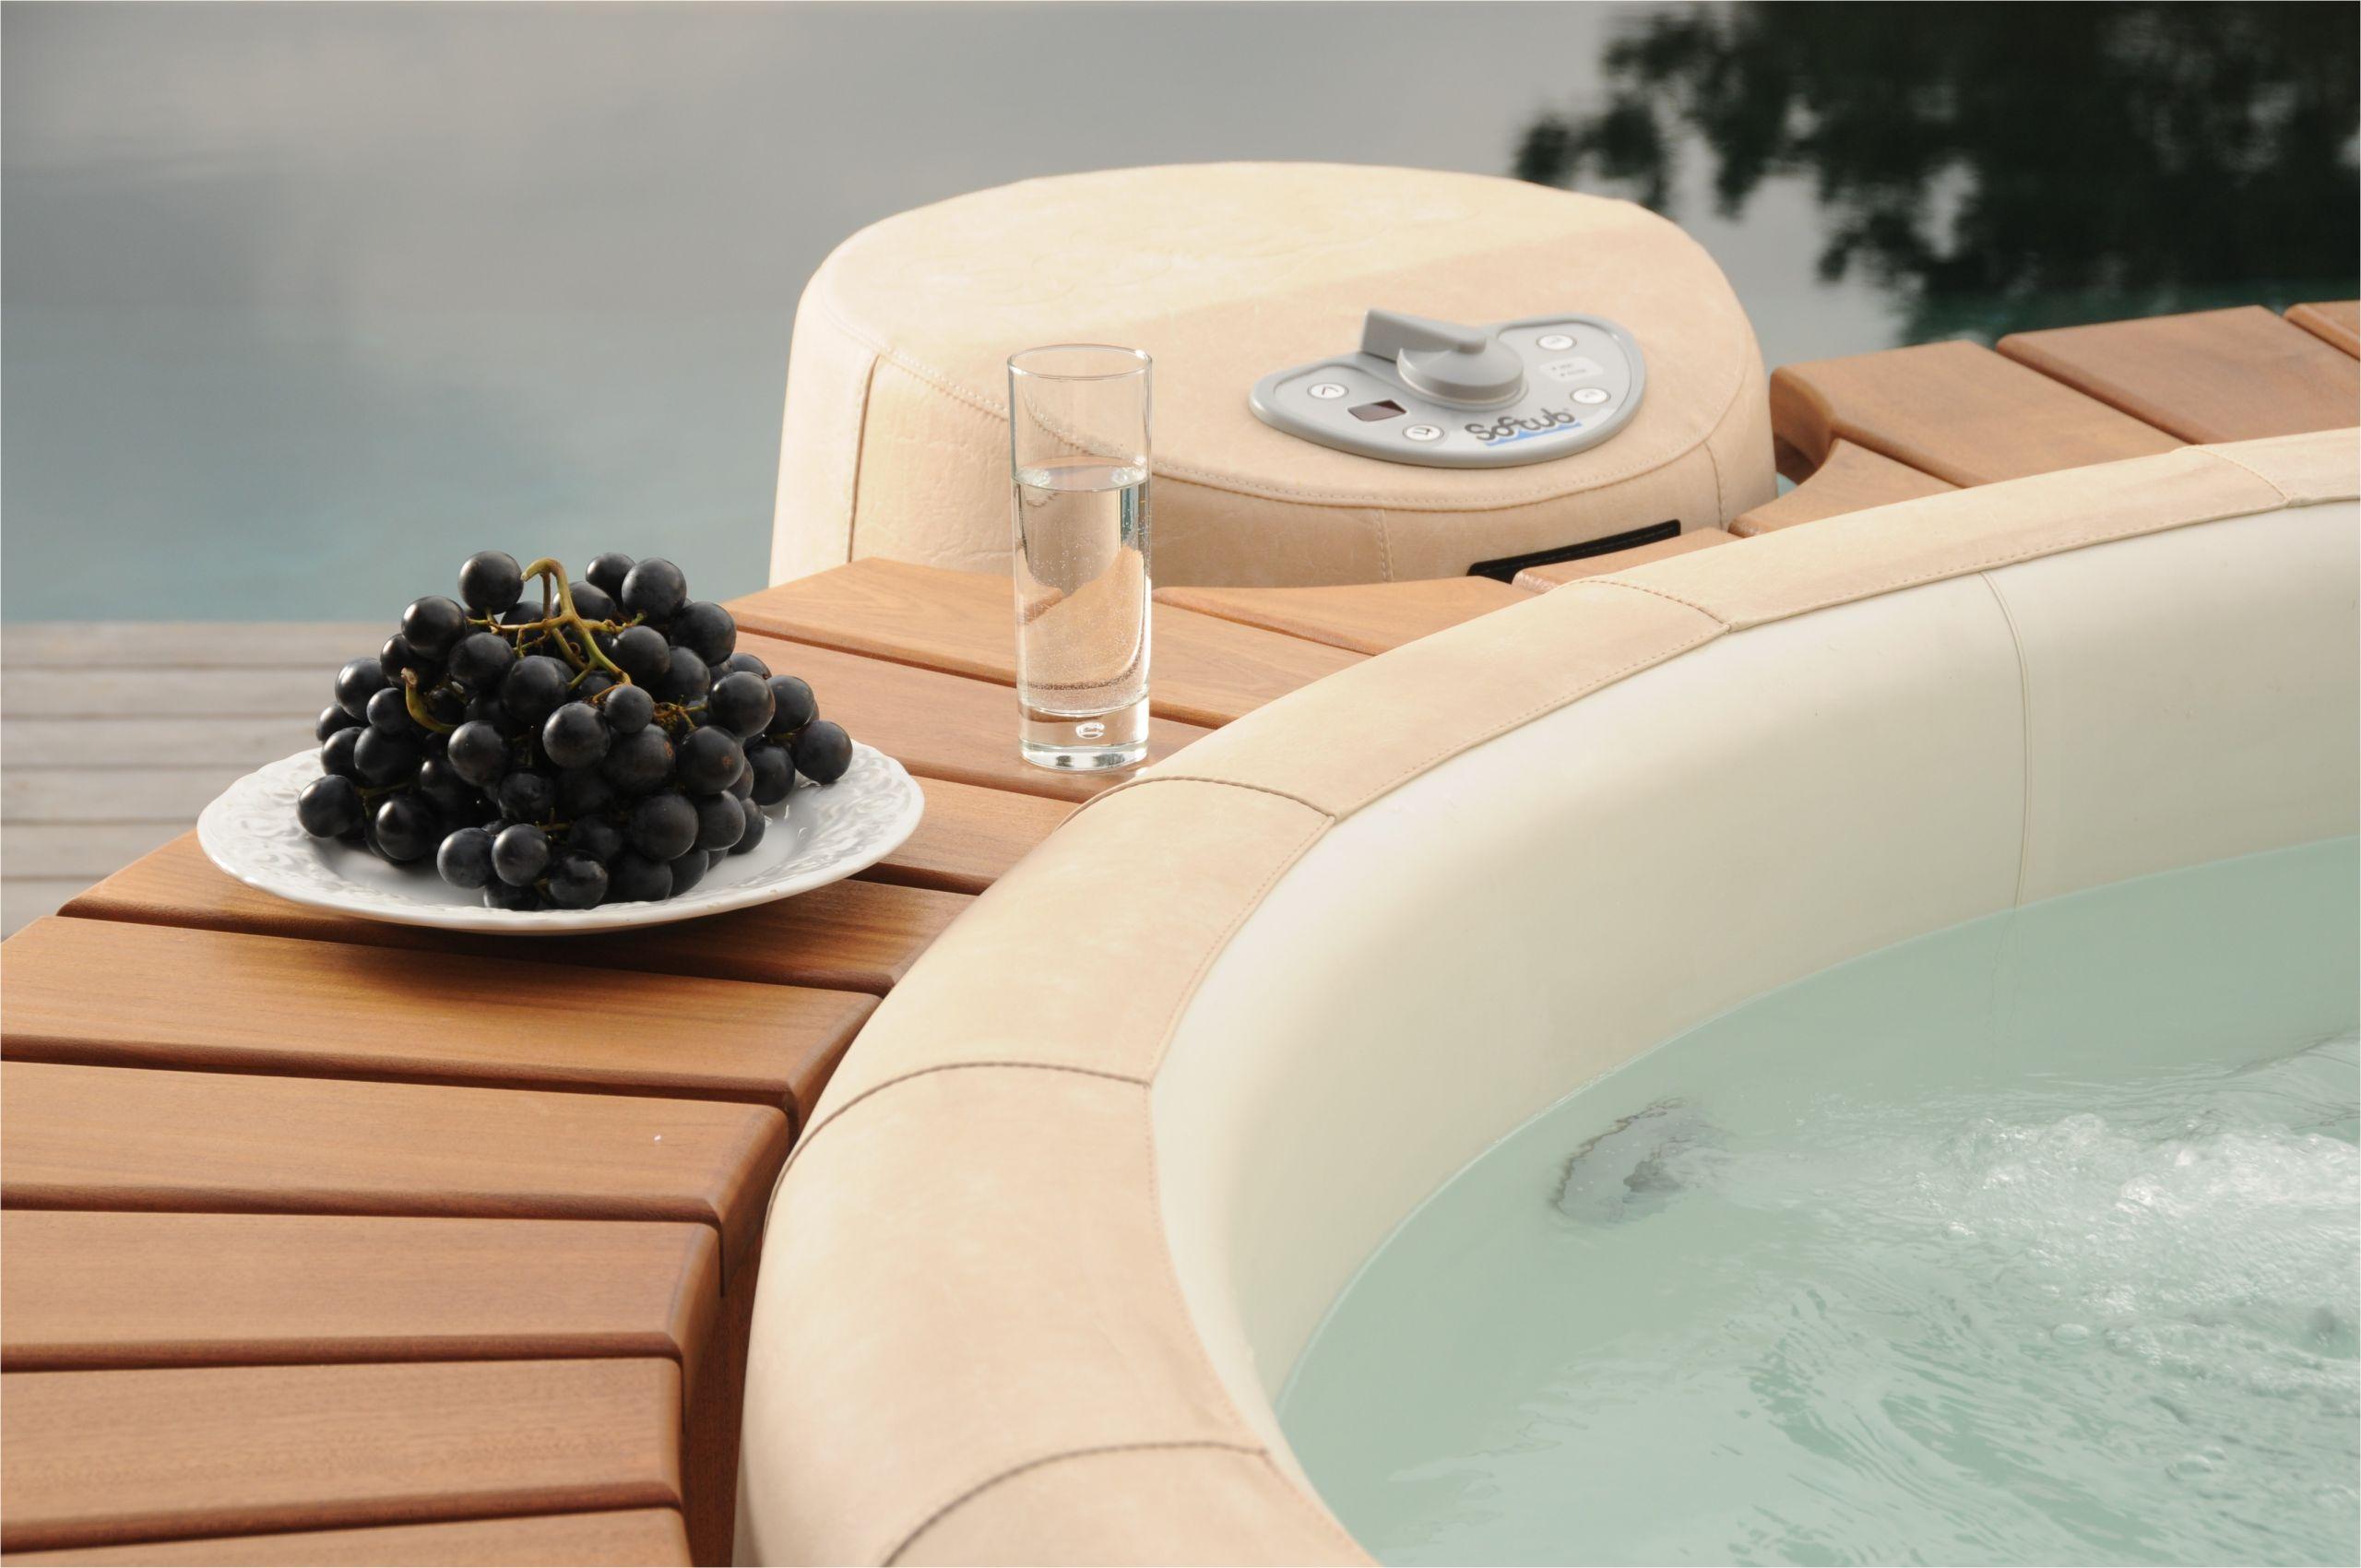 Bathtub Surround Accessories softub T220 Wooden Surround Accessories Essentials